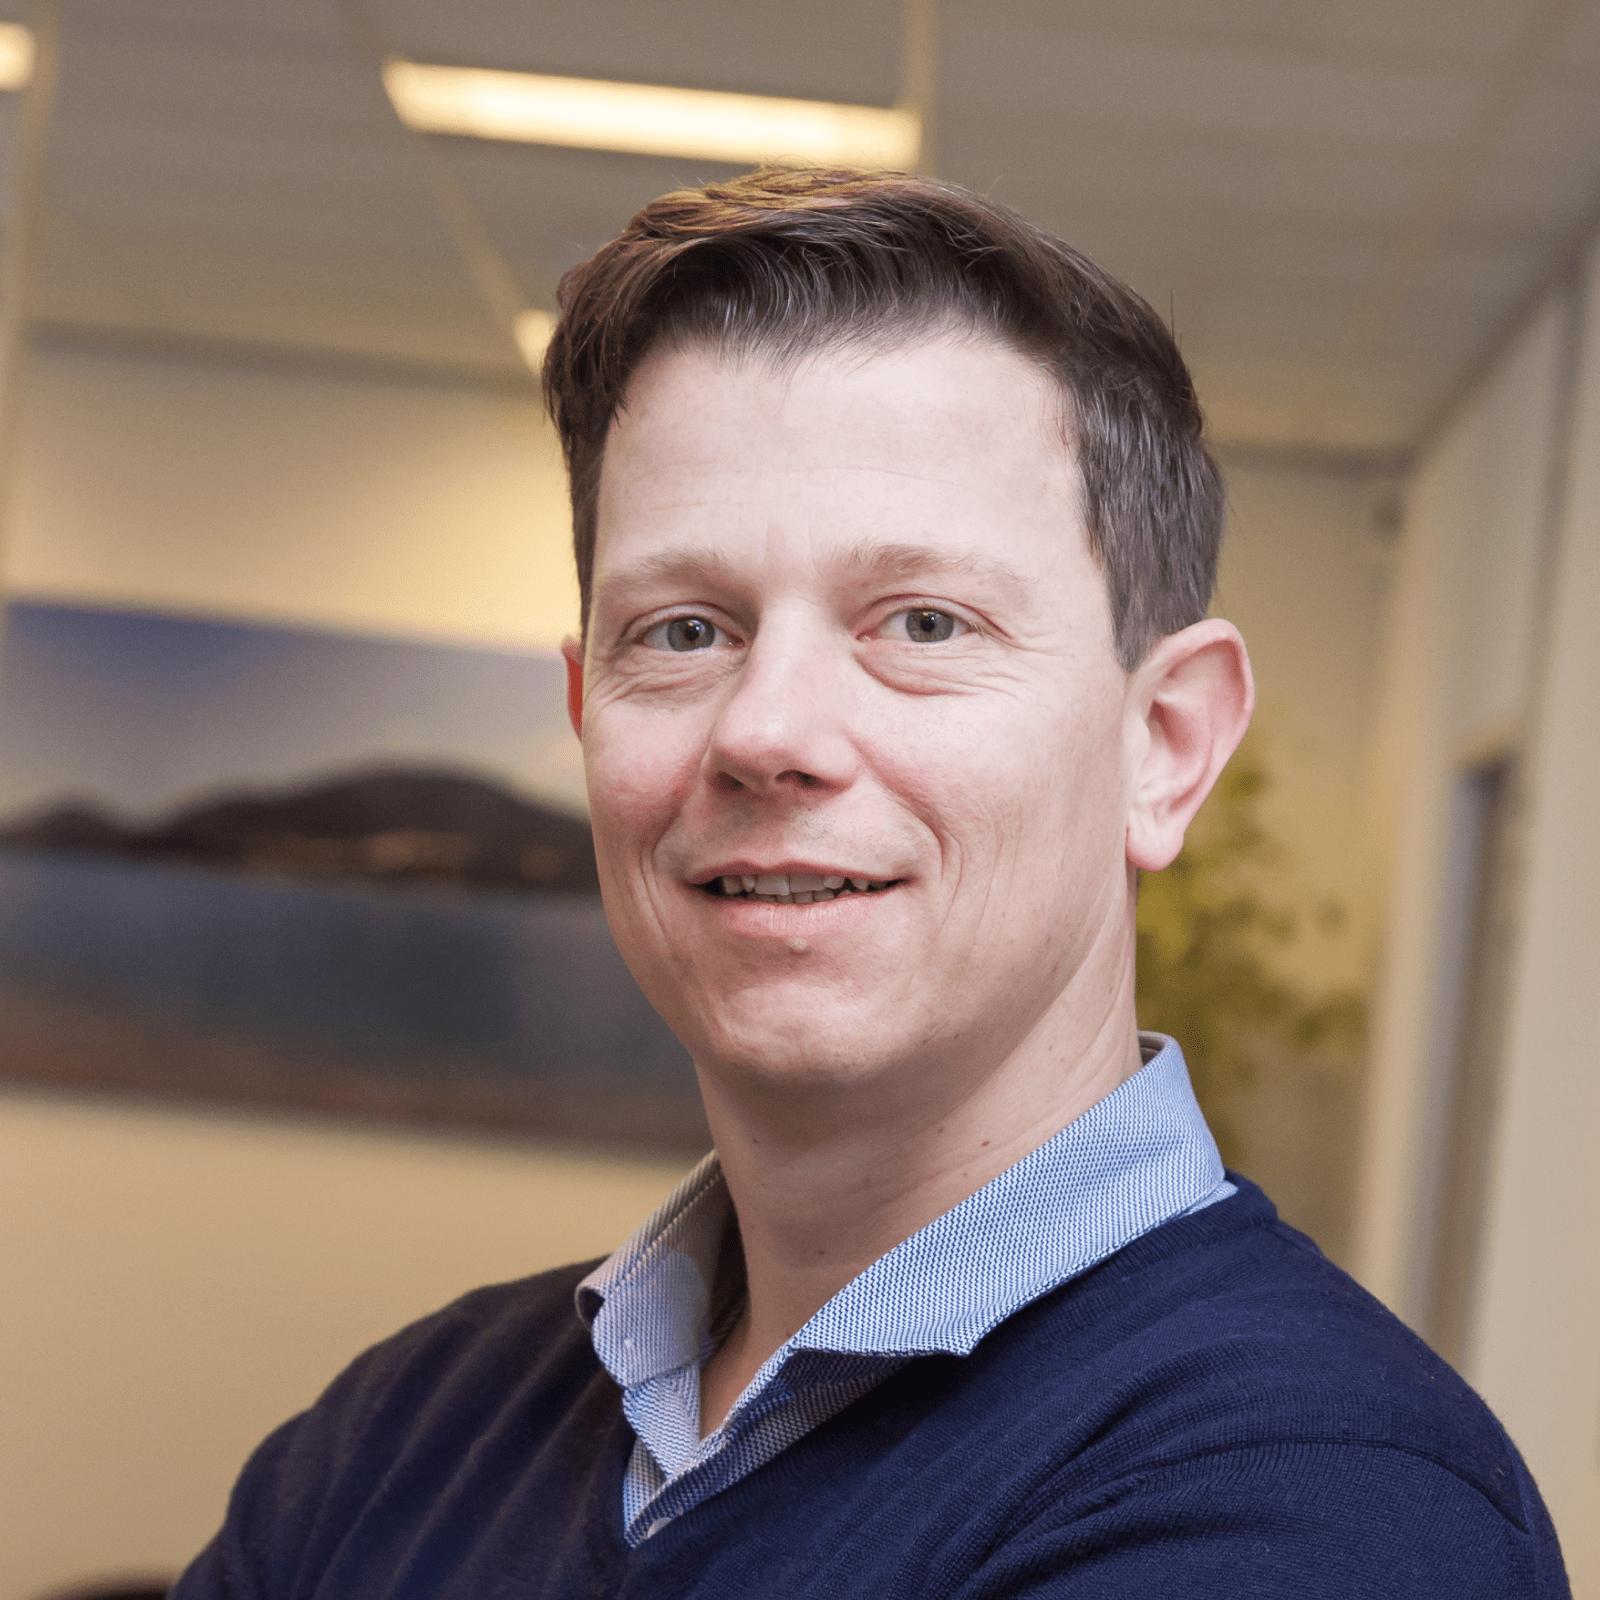 Christian van der Veer - Vennoot in Nijkerk